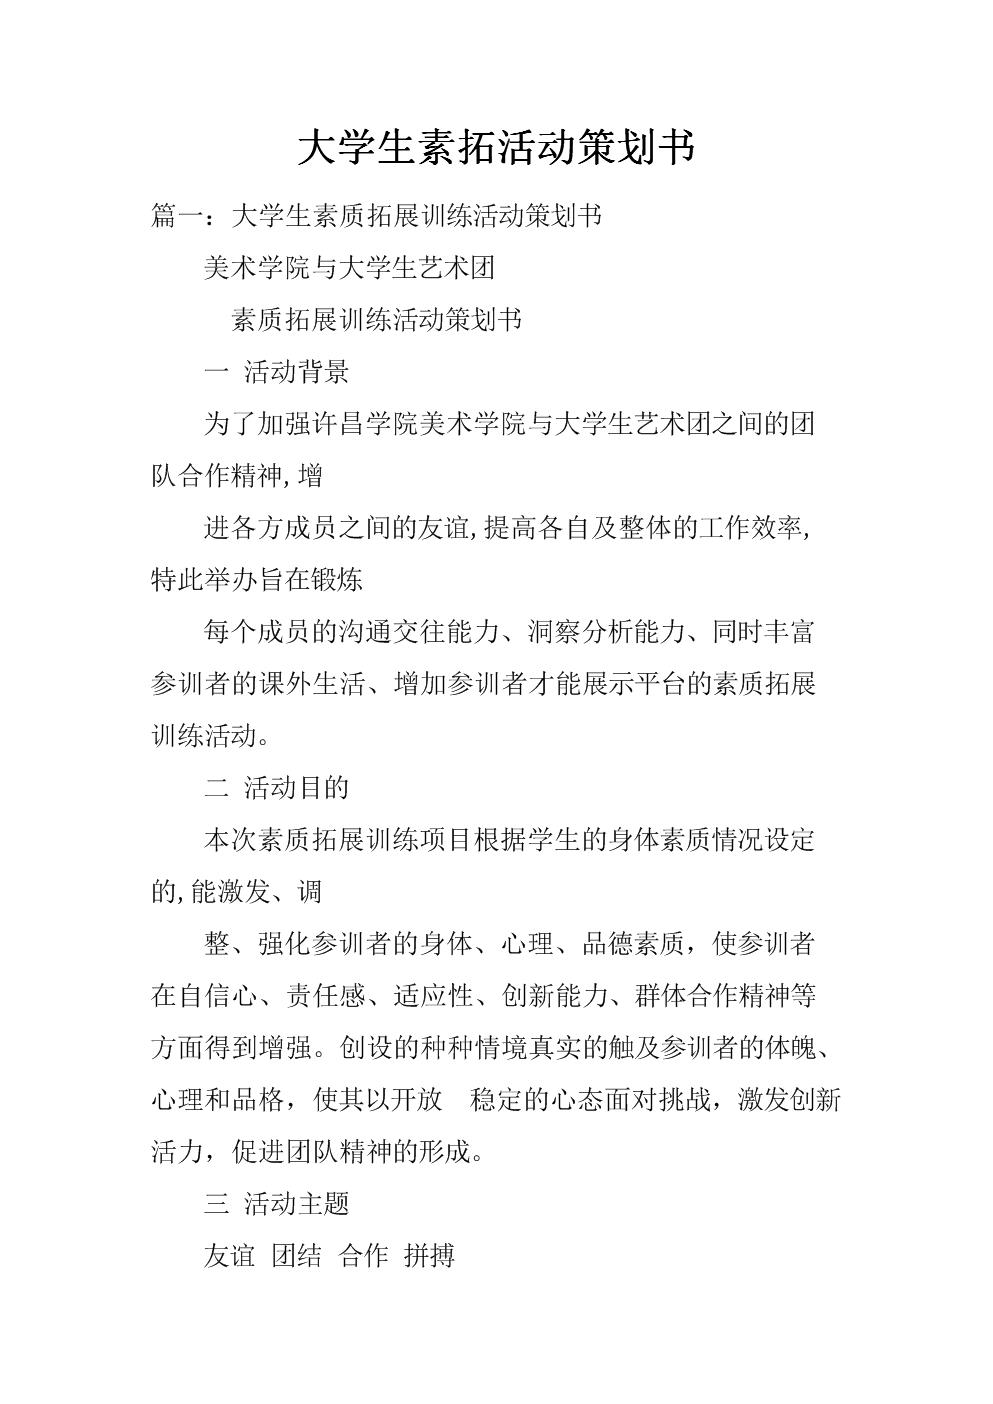 素质拓展训练策划书_大学生素拓活动的策划书.docx